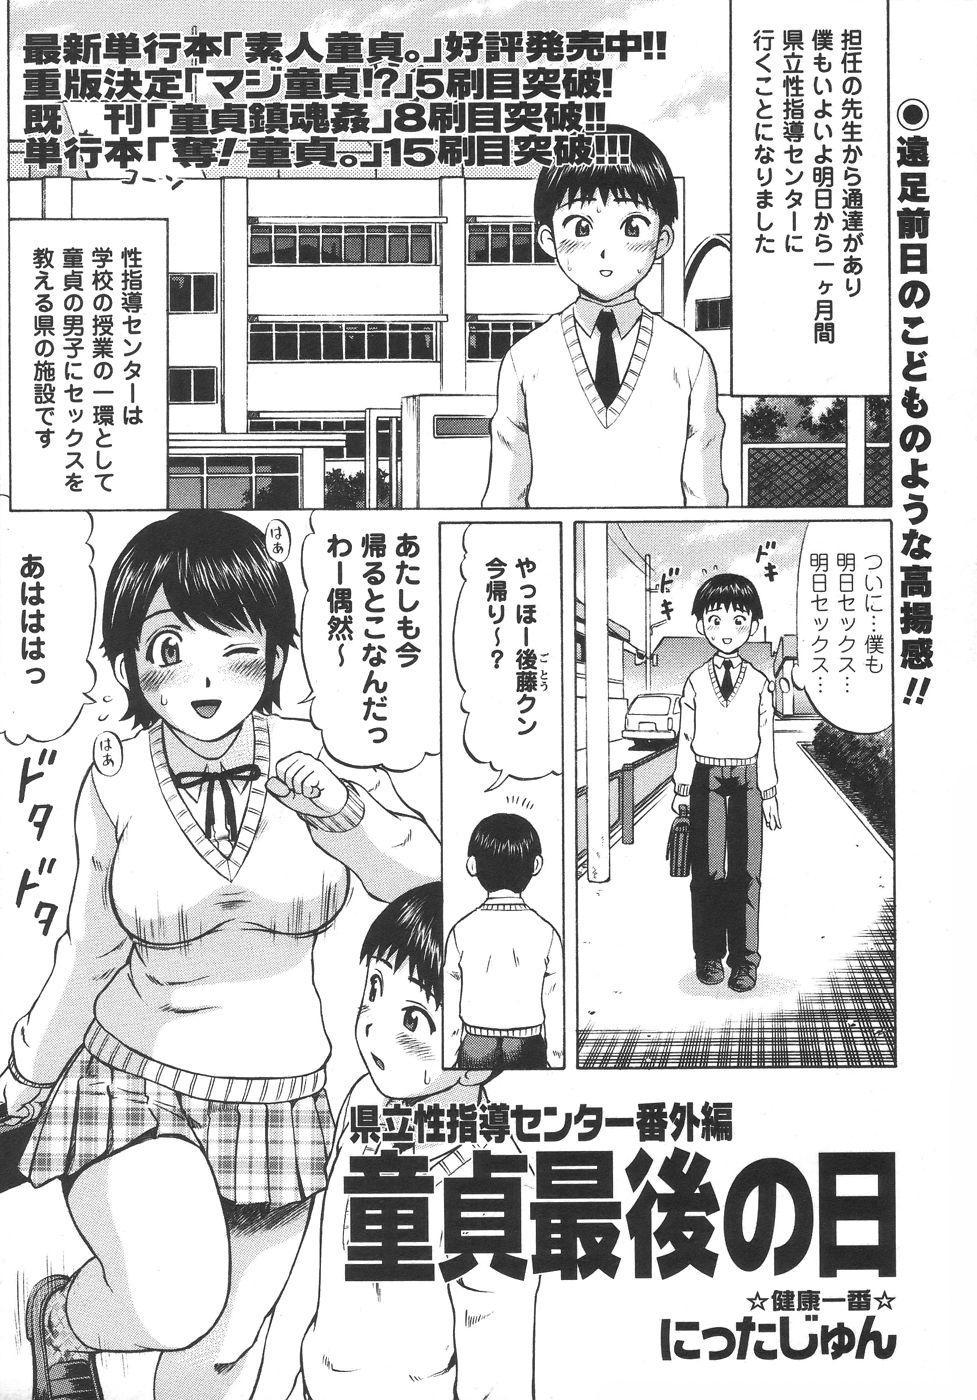 Comic Masyo 2006-06 22